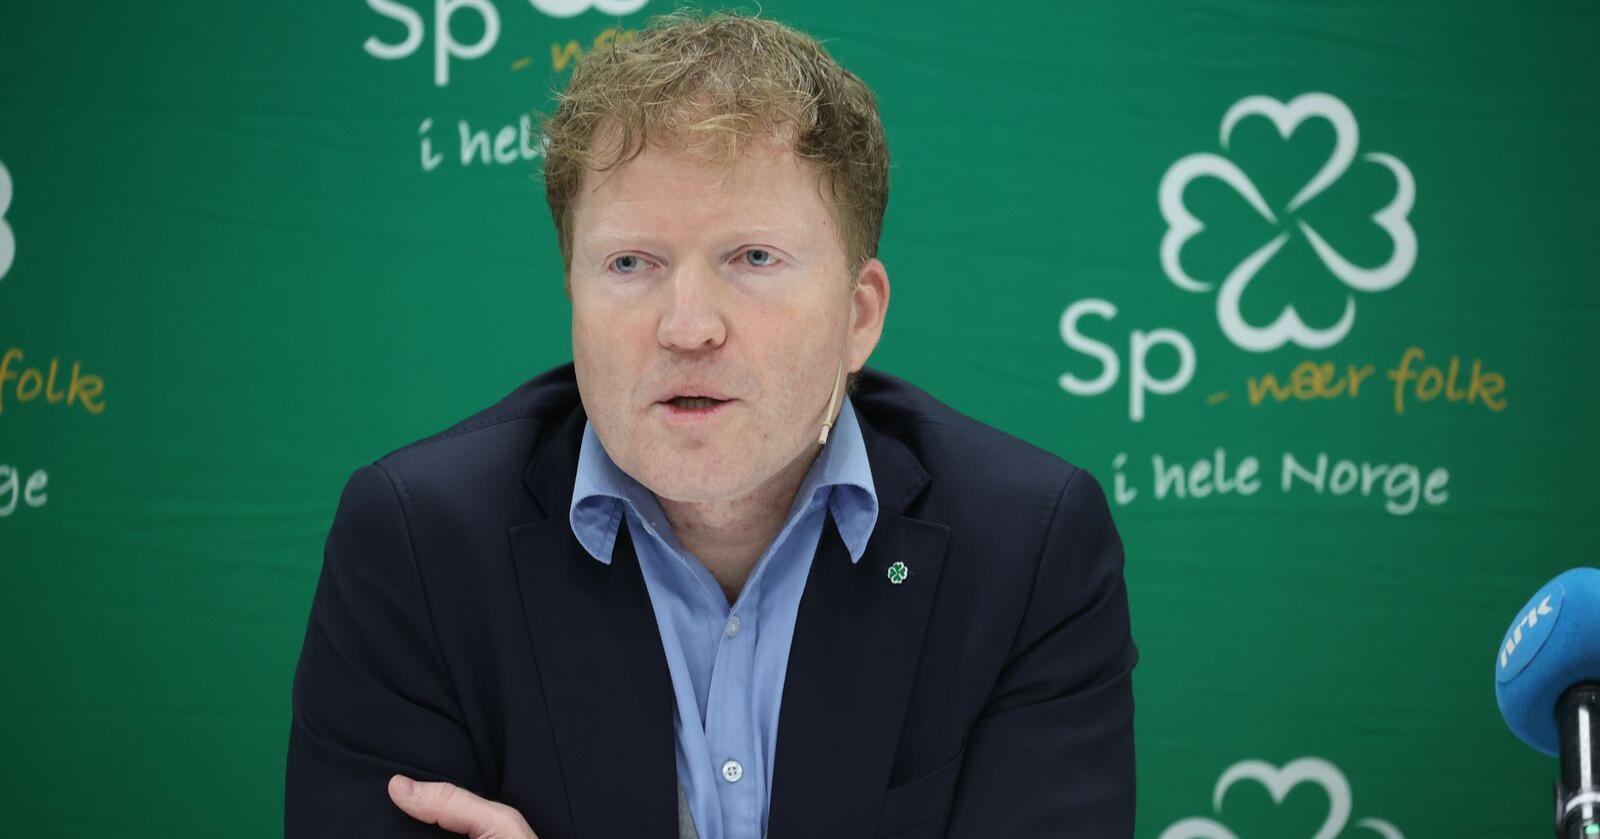 Sigbjørn Gjelsvik topper nok en gang Senterpartiets liste i Akershus ved stortingsvalget neste høst. Foto: Ørn E. Borgen/NTB scanpix